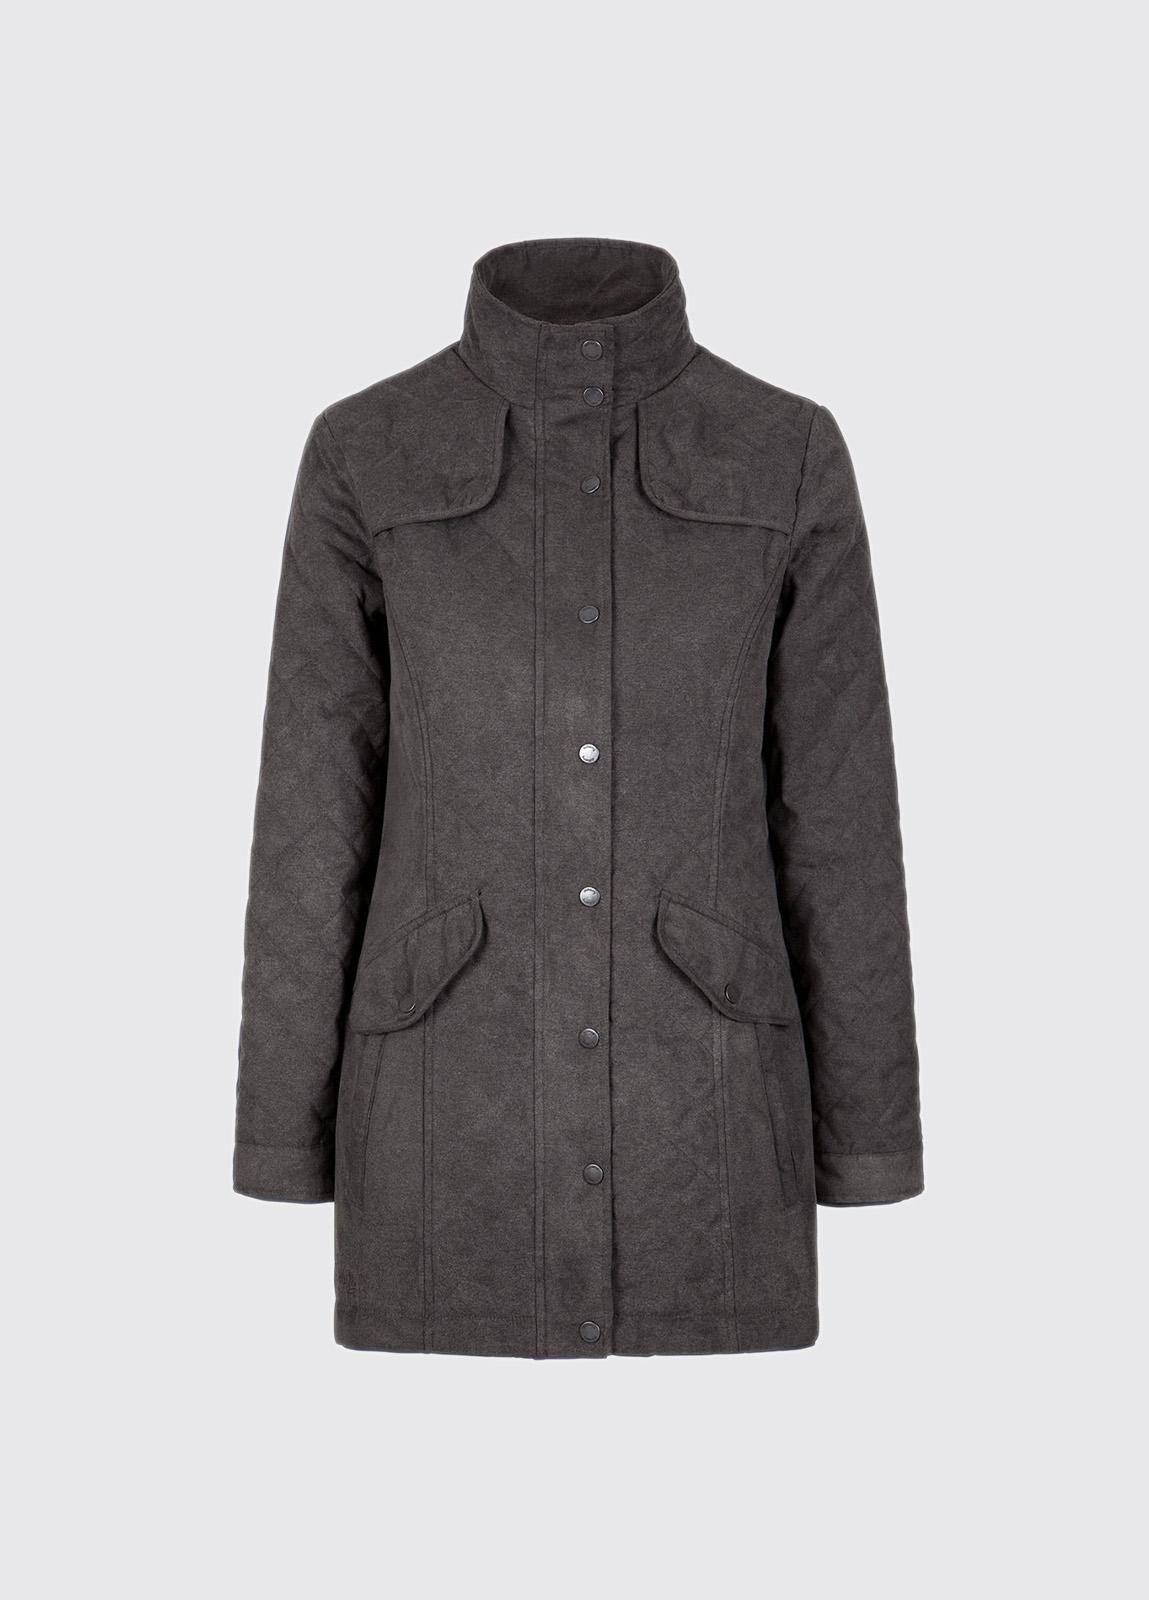 Kanturk Womens Quilted Coat - Graphite